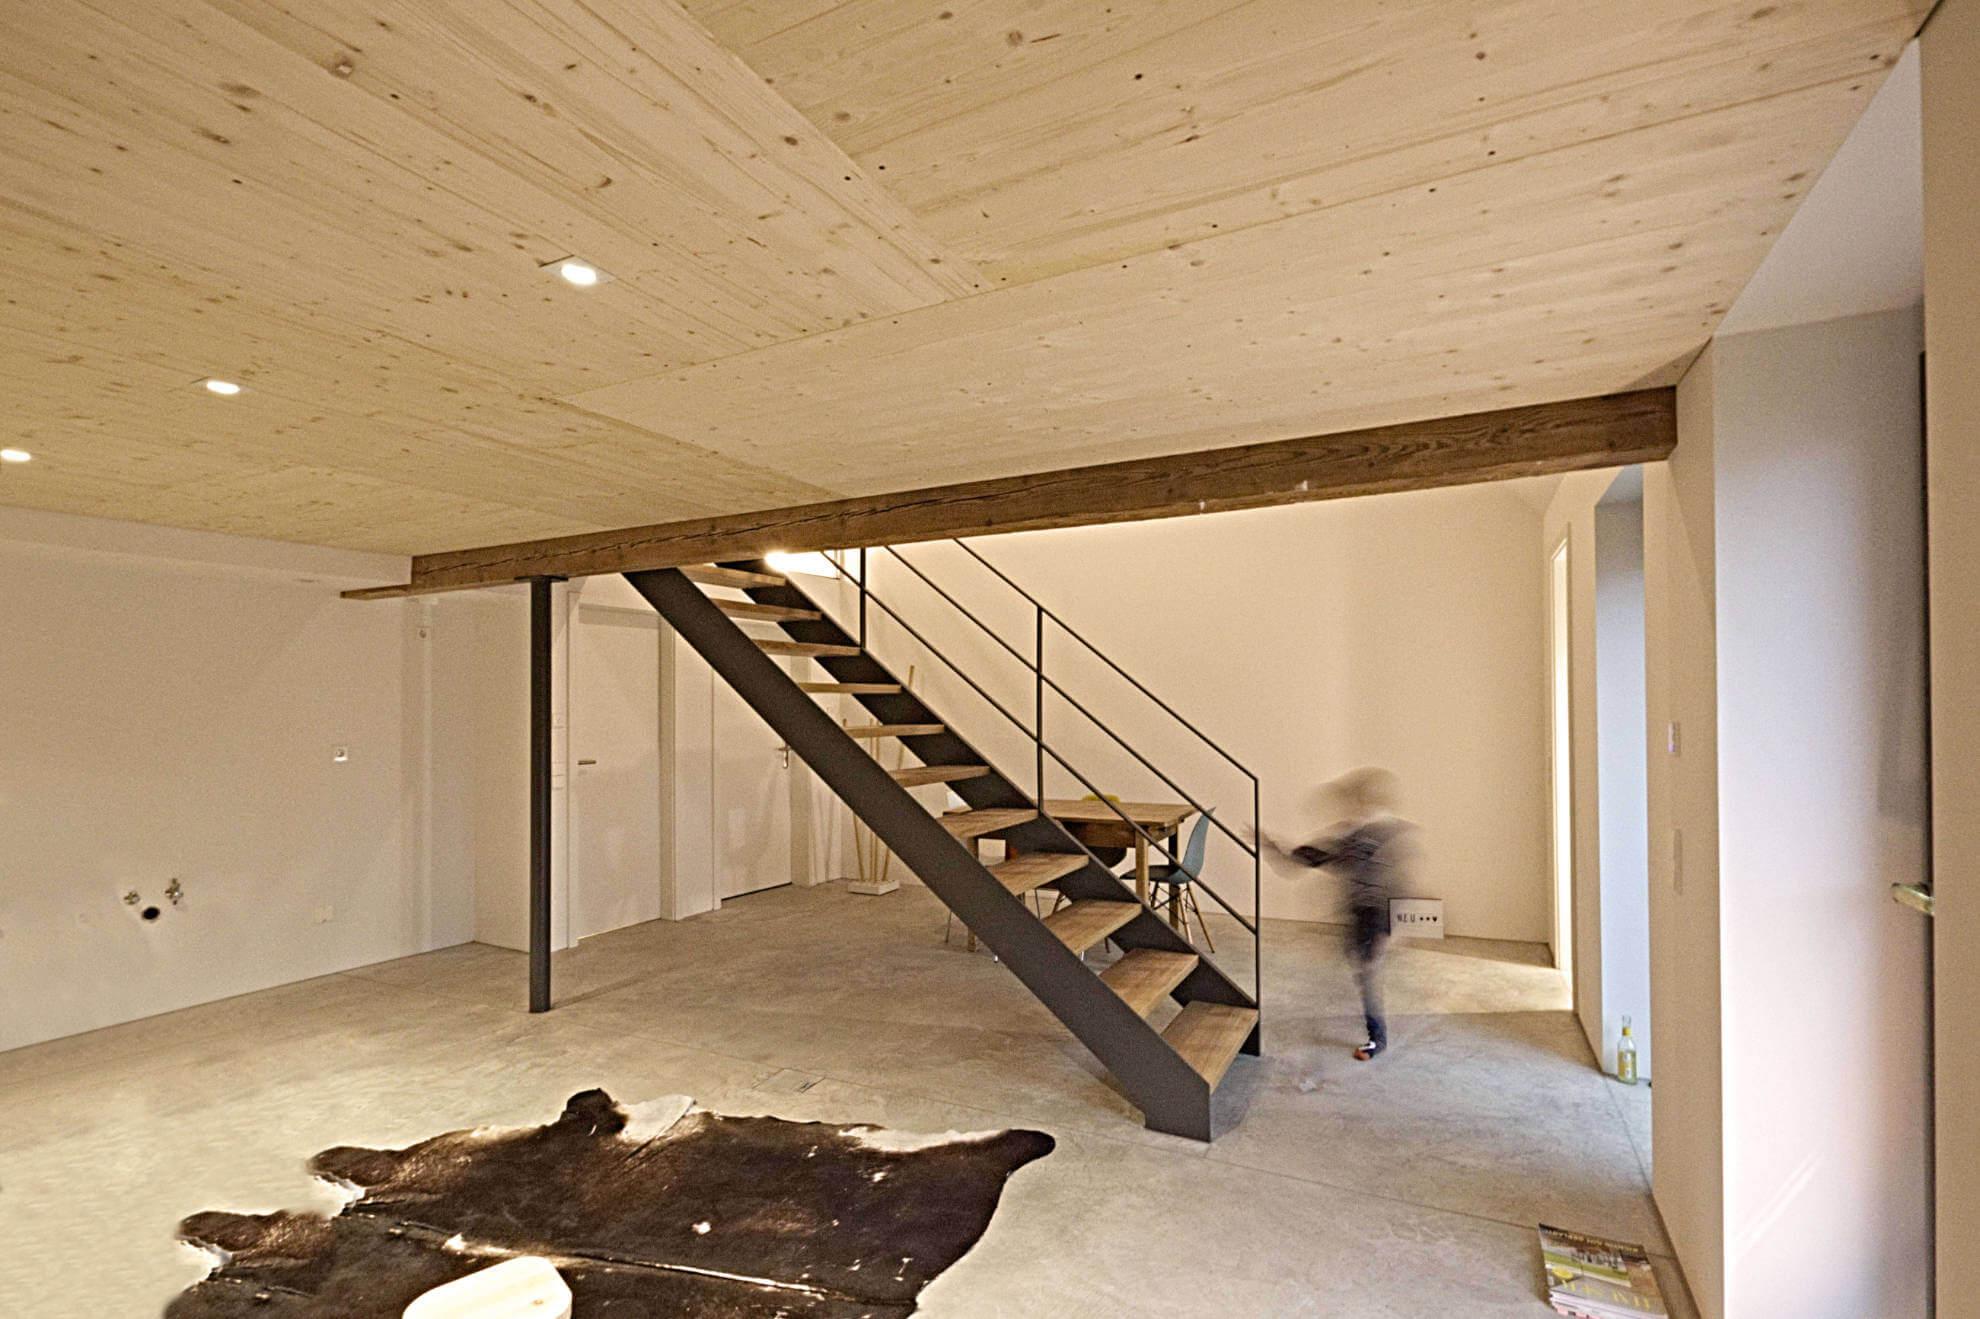 her-i-05-marcbetz architekten